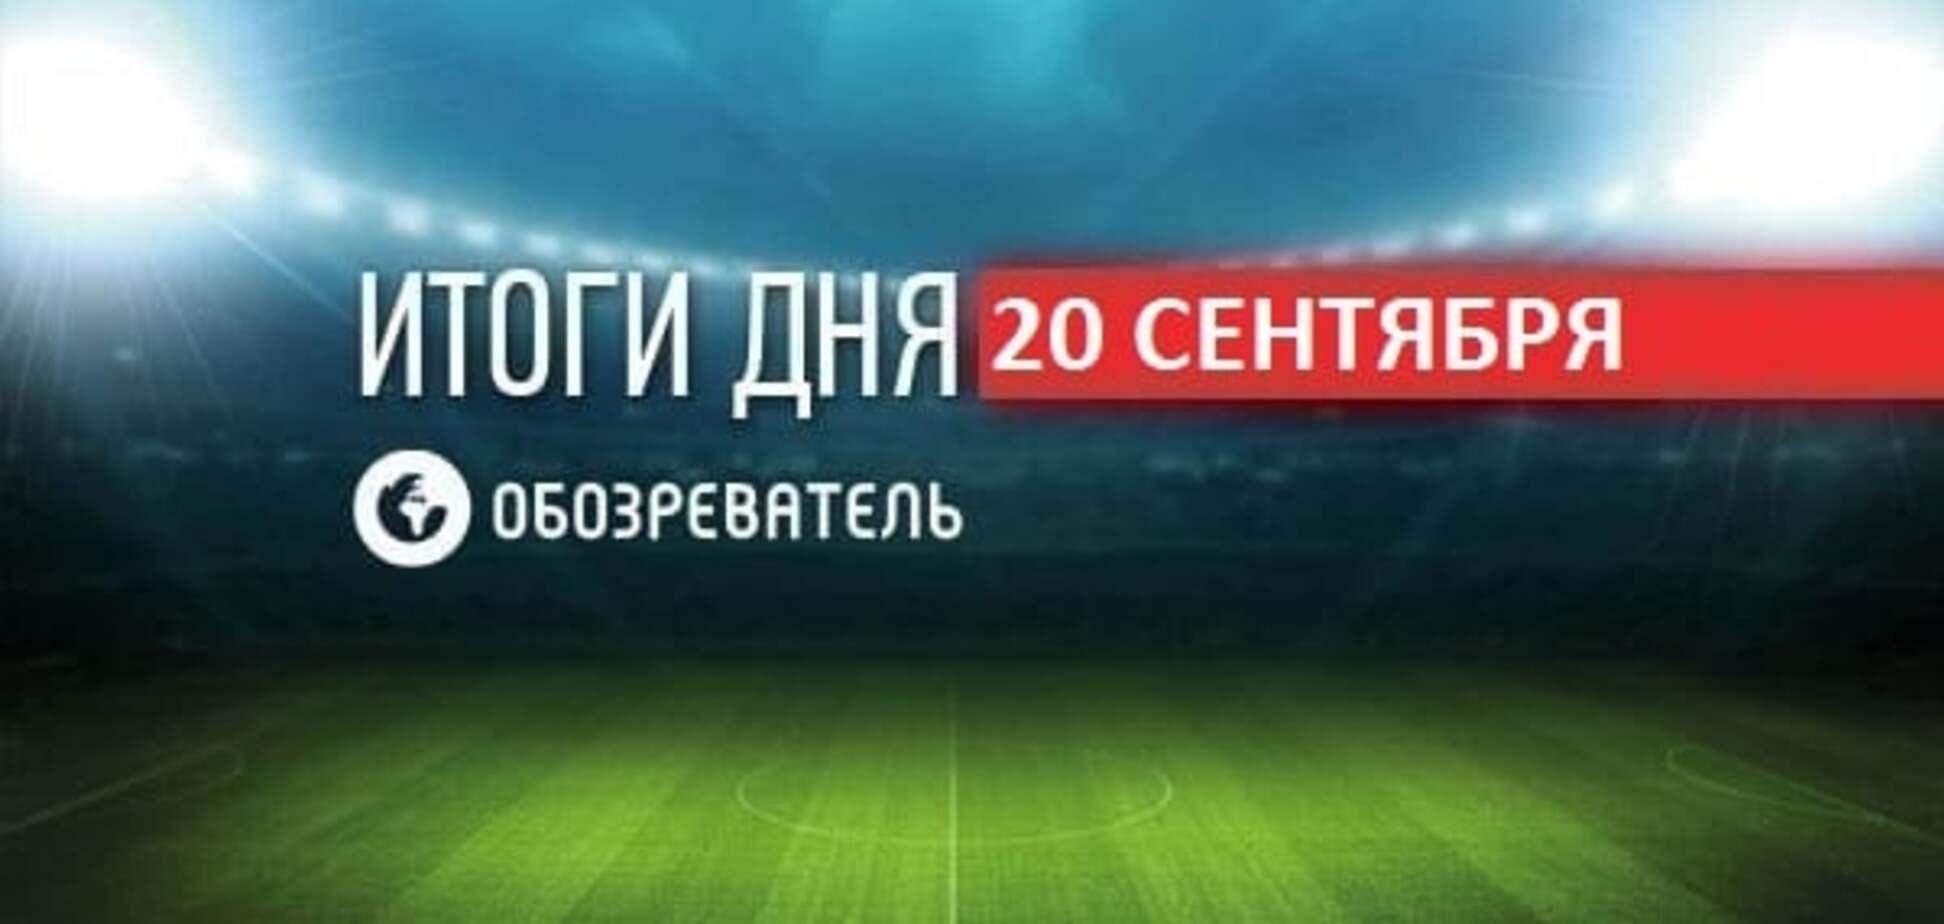 В сети раскрыли российского лжепаралимпийца. Спортивные итоги 20 сентября